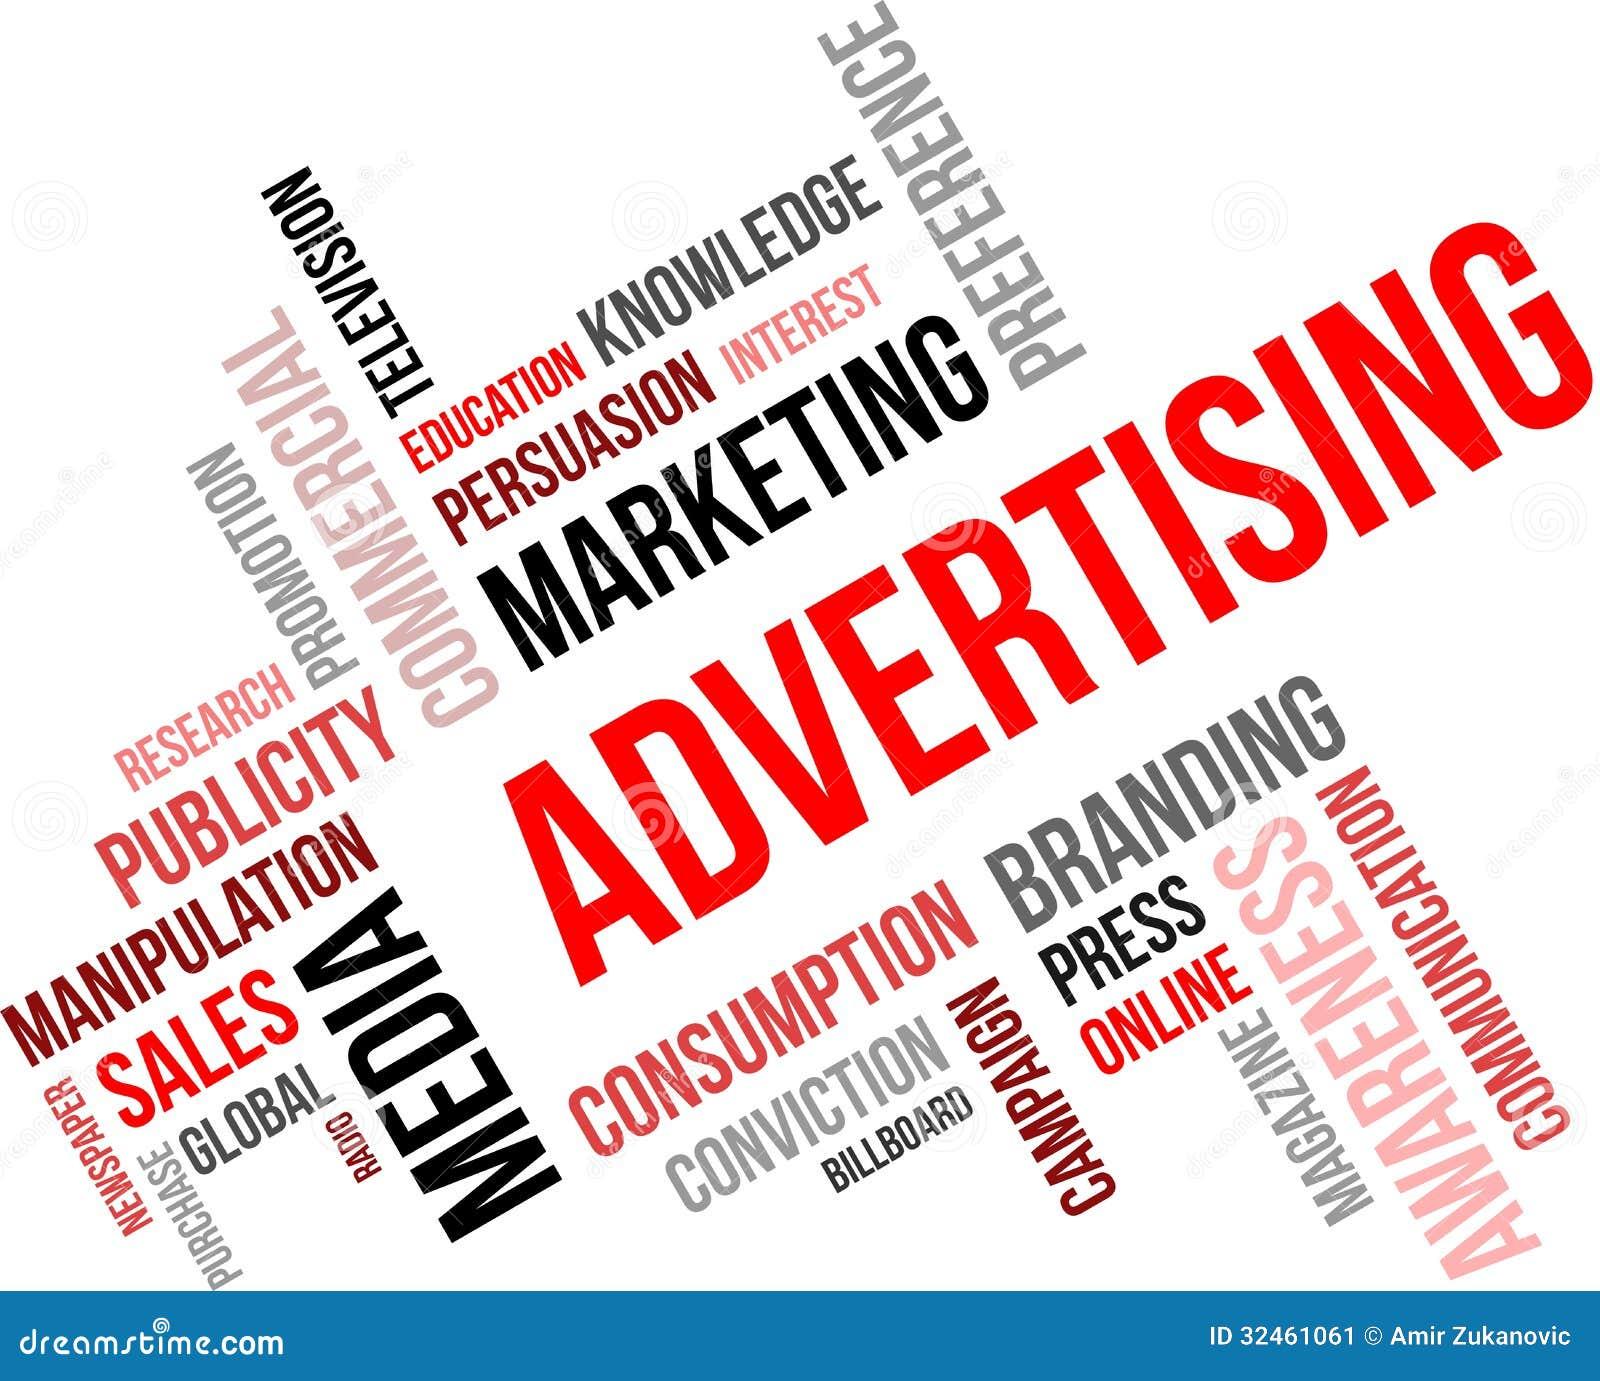 word cloud advertising stock image image  word cloud advertising